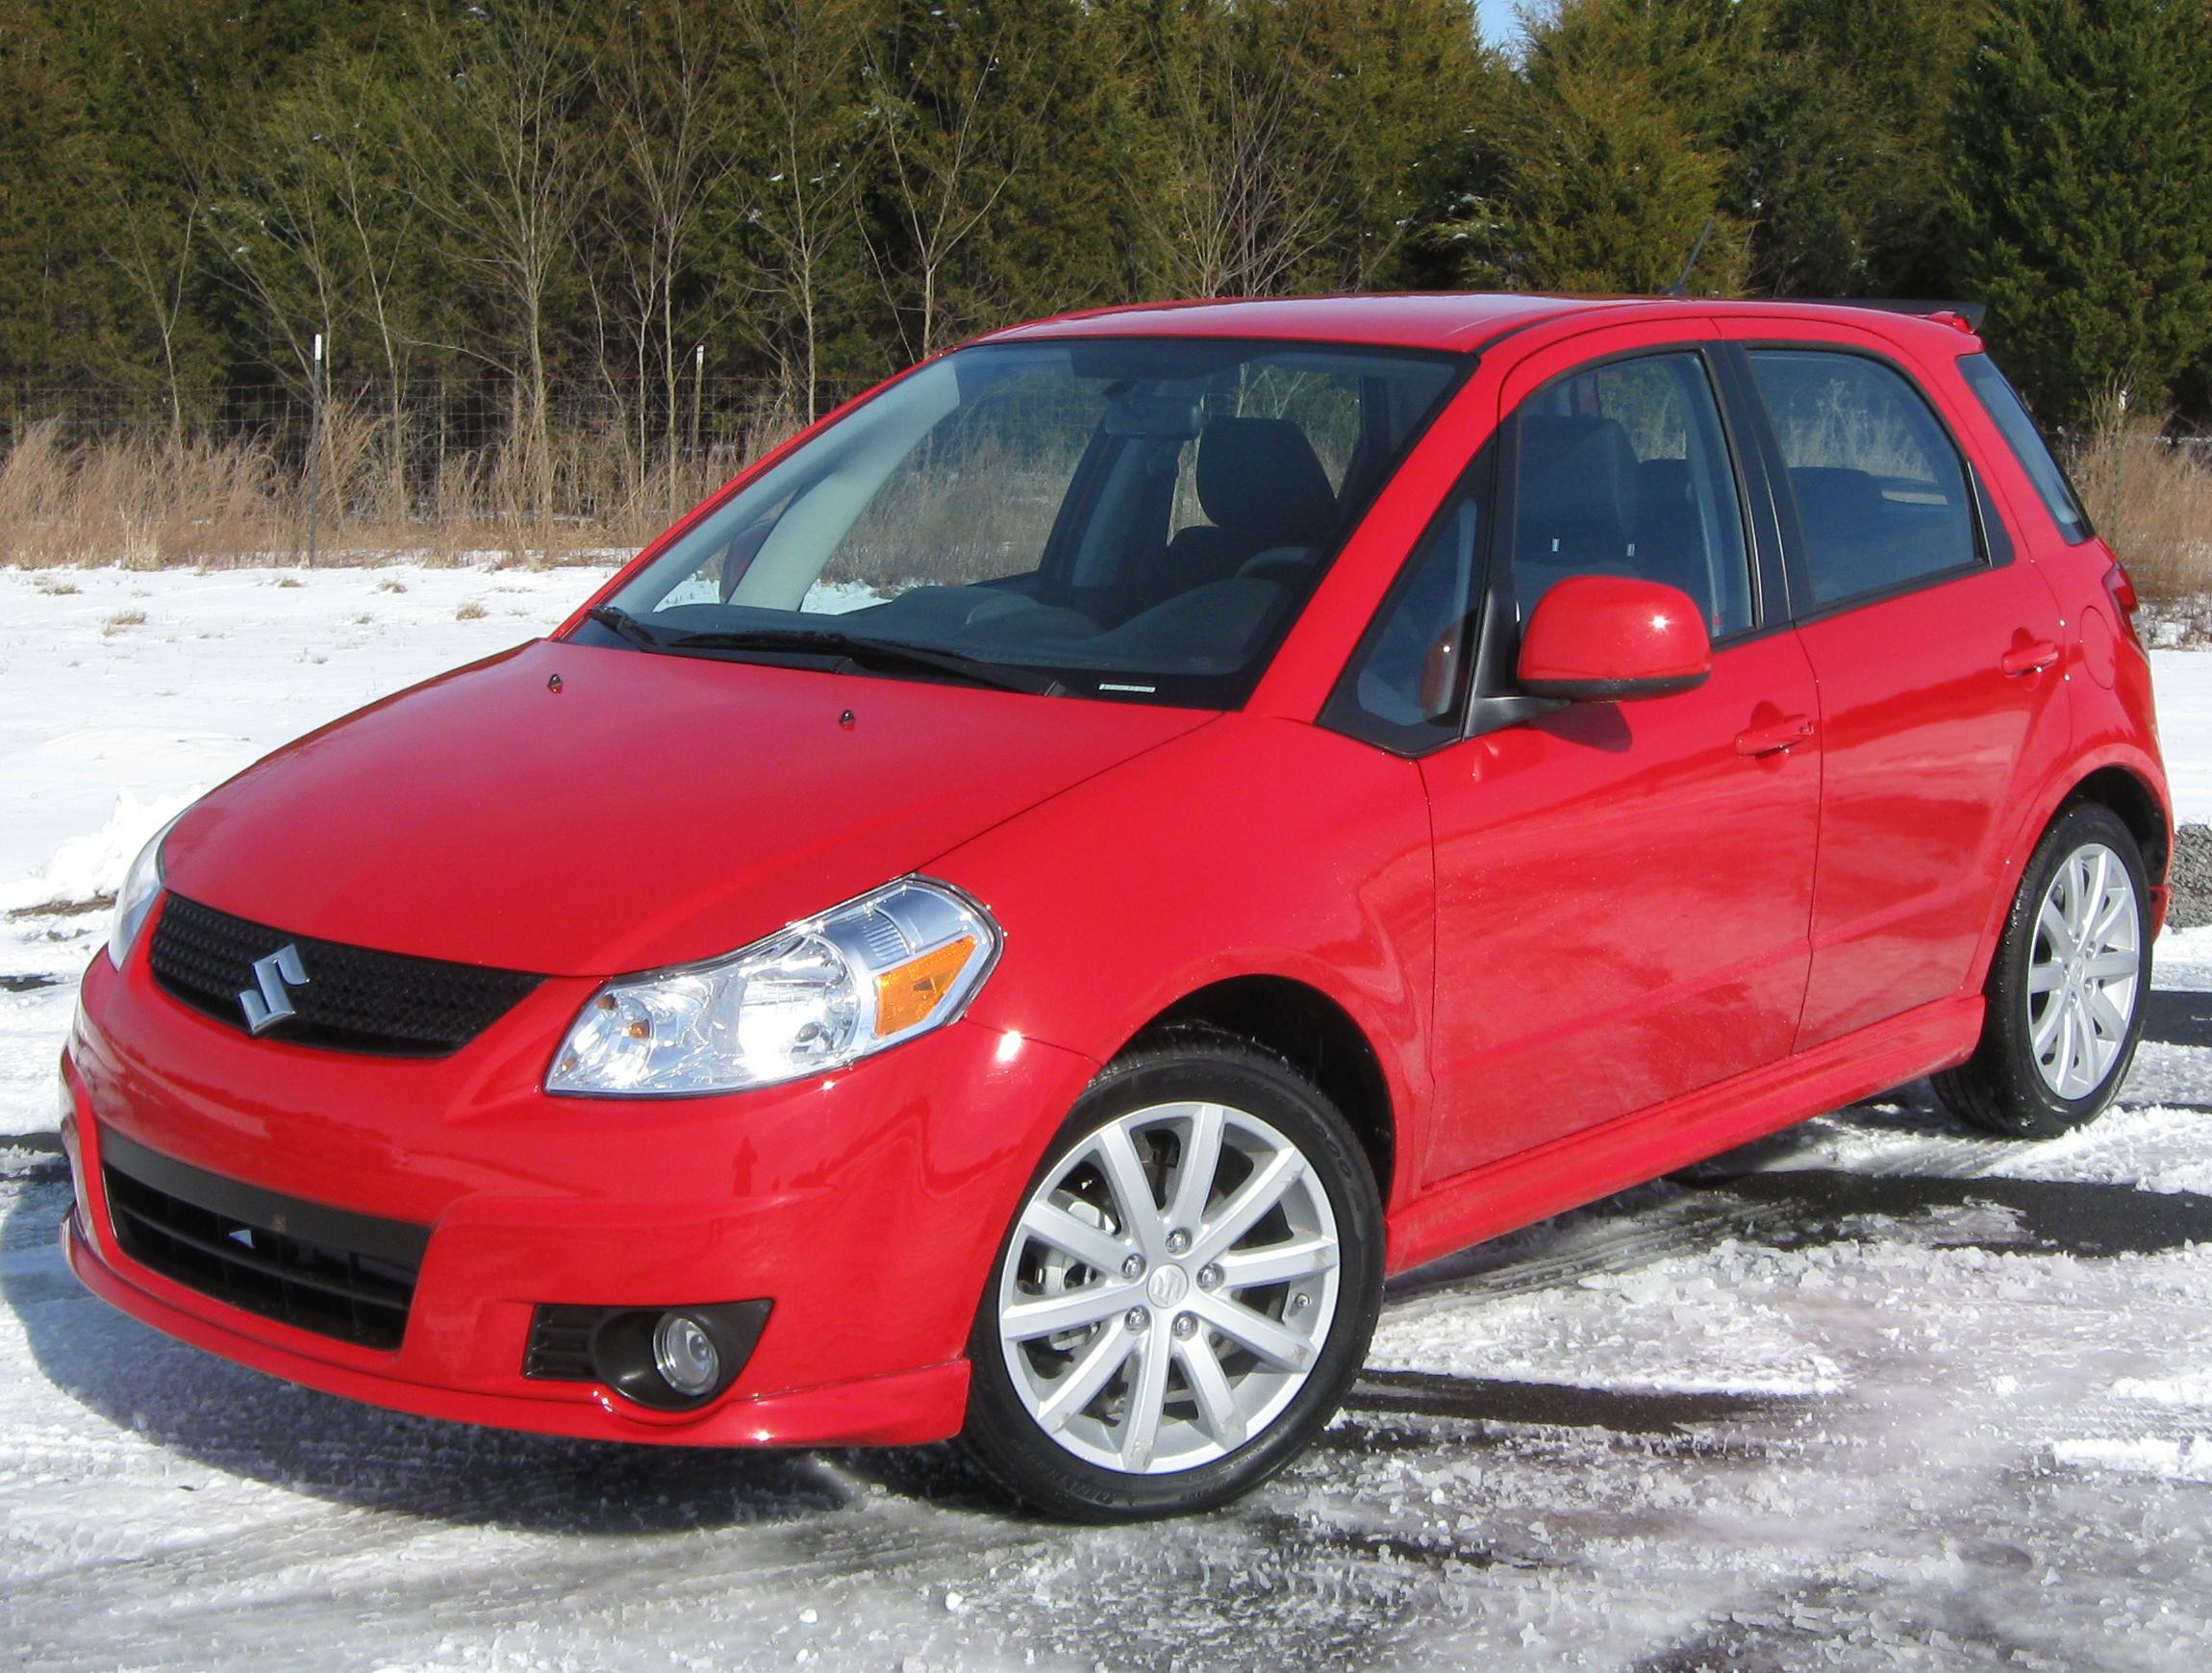 Red Suzuki Forenza